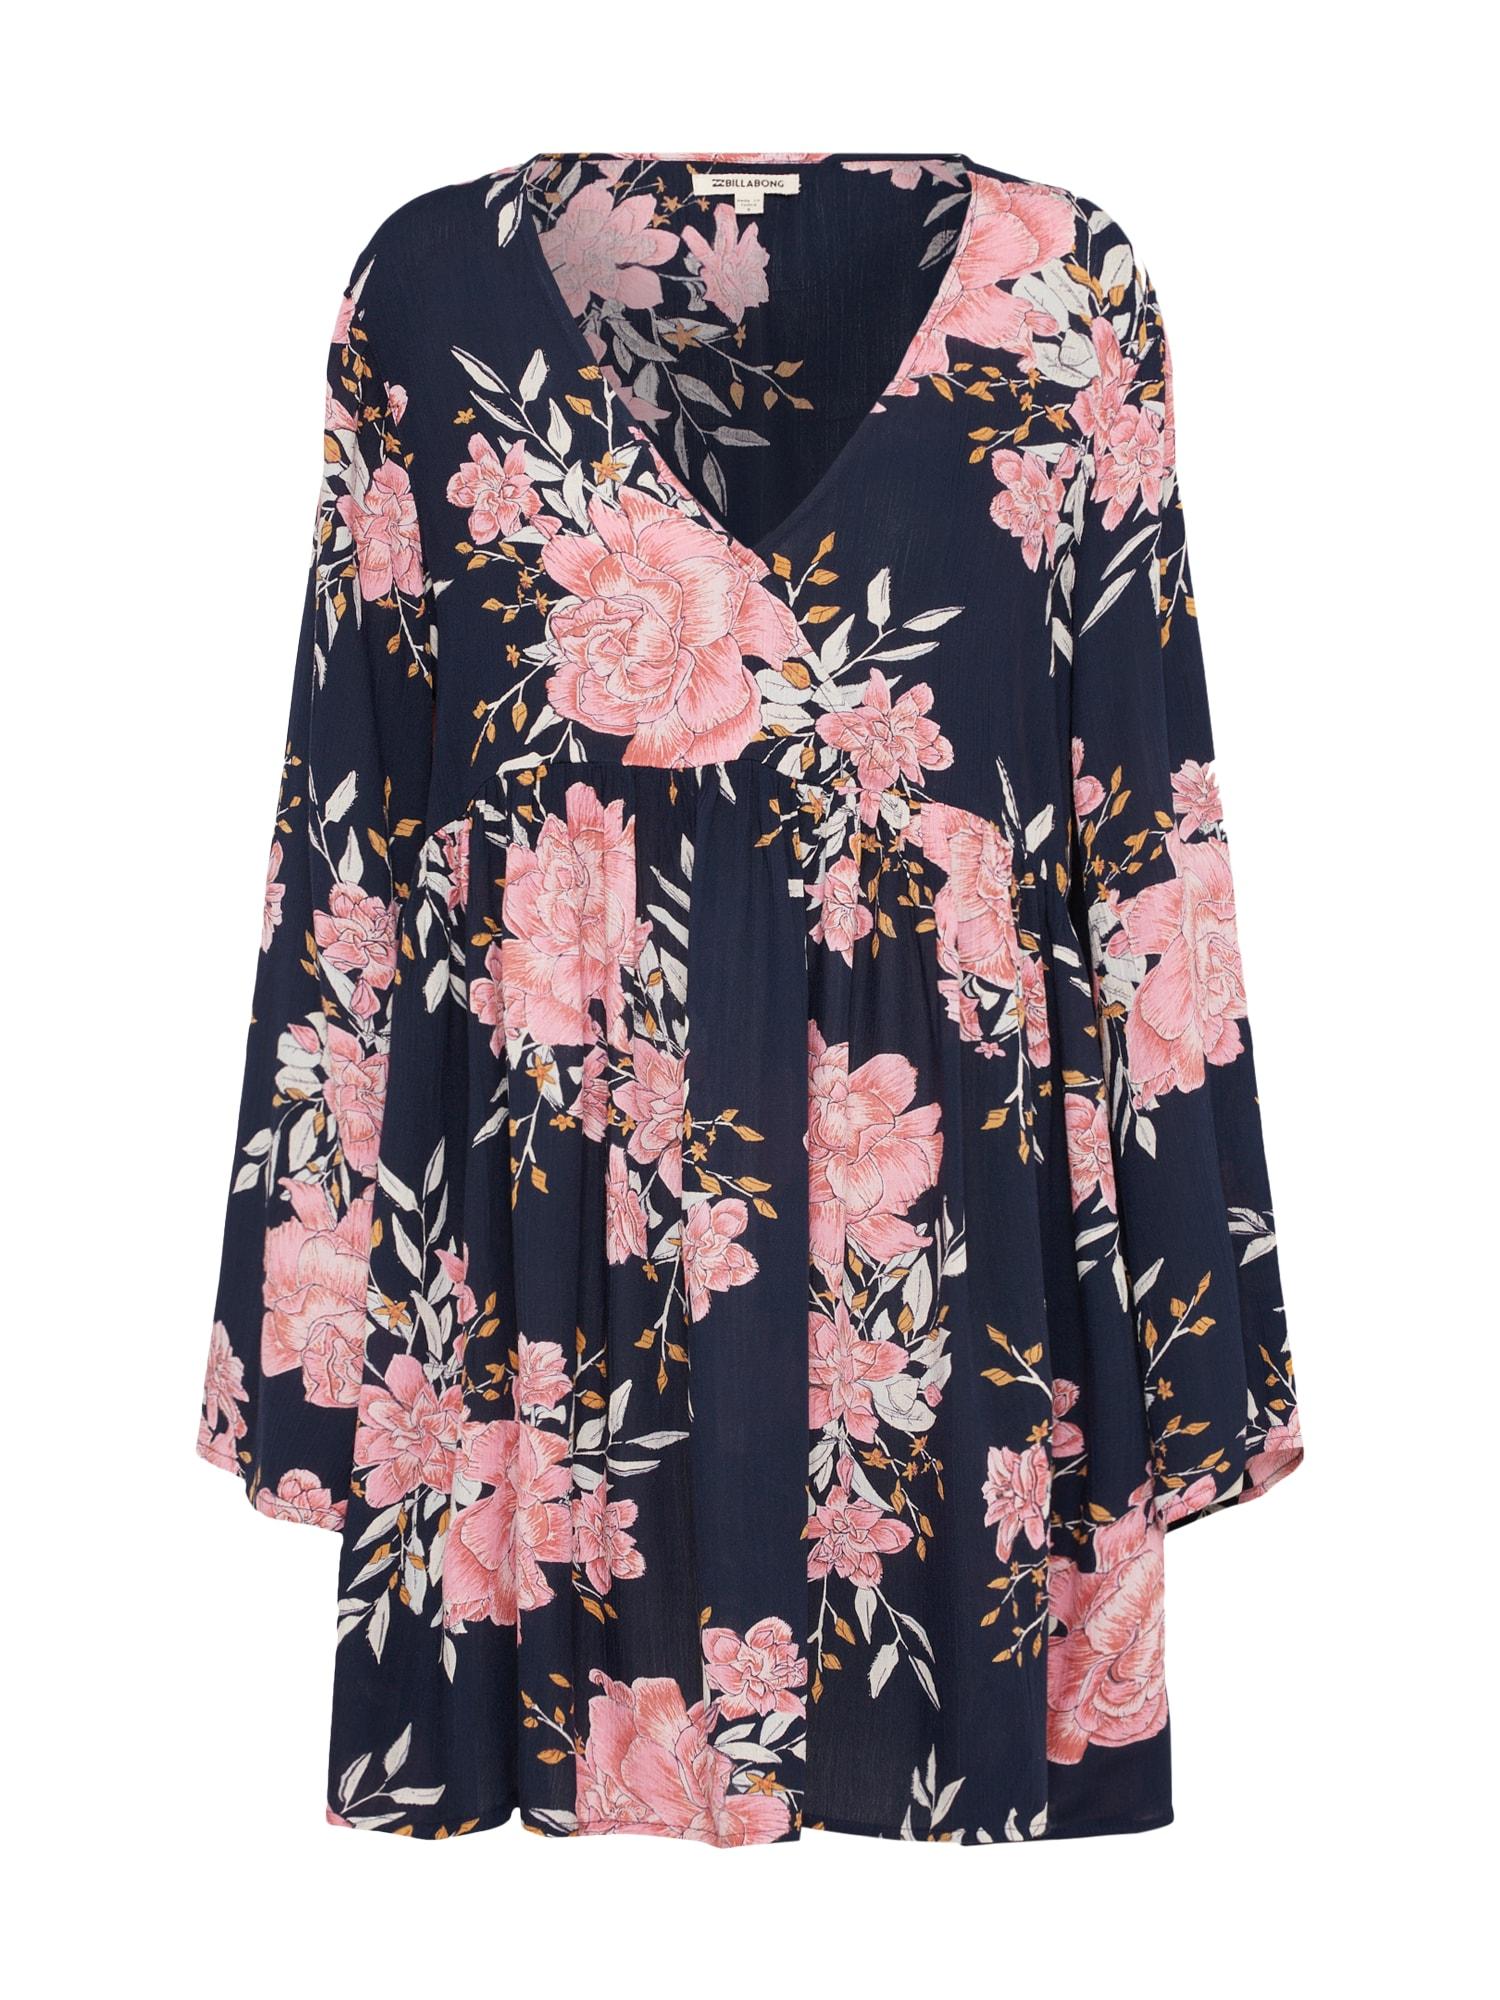 Šaty TAKE TODAY  námořnická modř  růžová BILLABONG